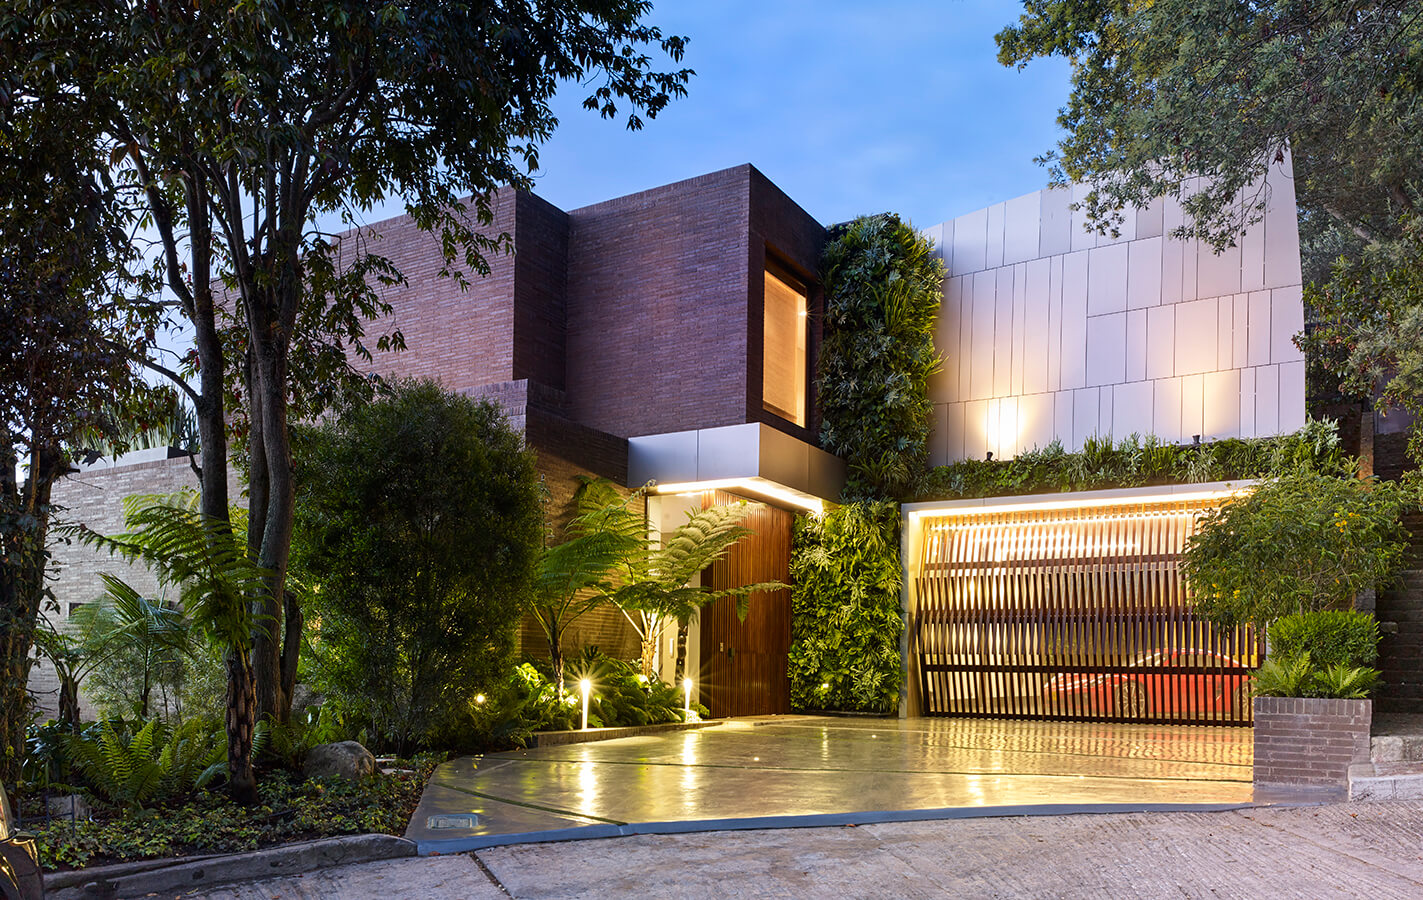 Arquitectura arte y dise o esta casa lo tiene todo - Arquitectura y diseno de casas ...